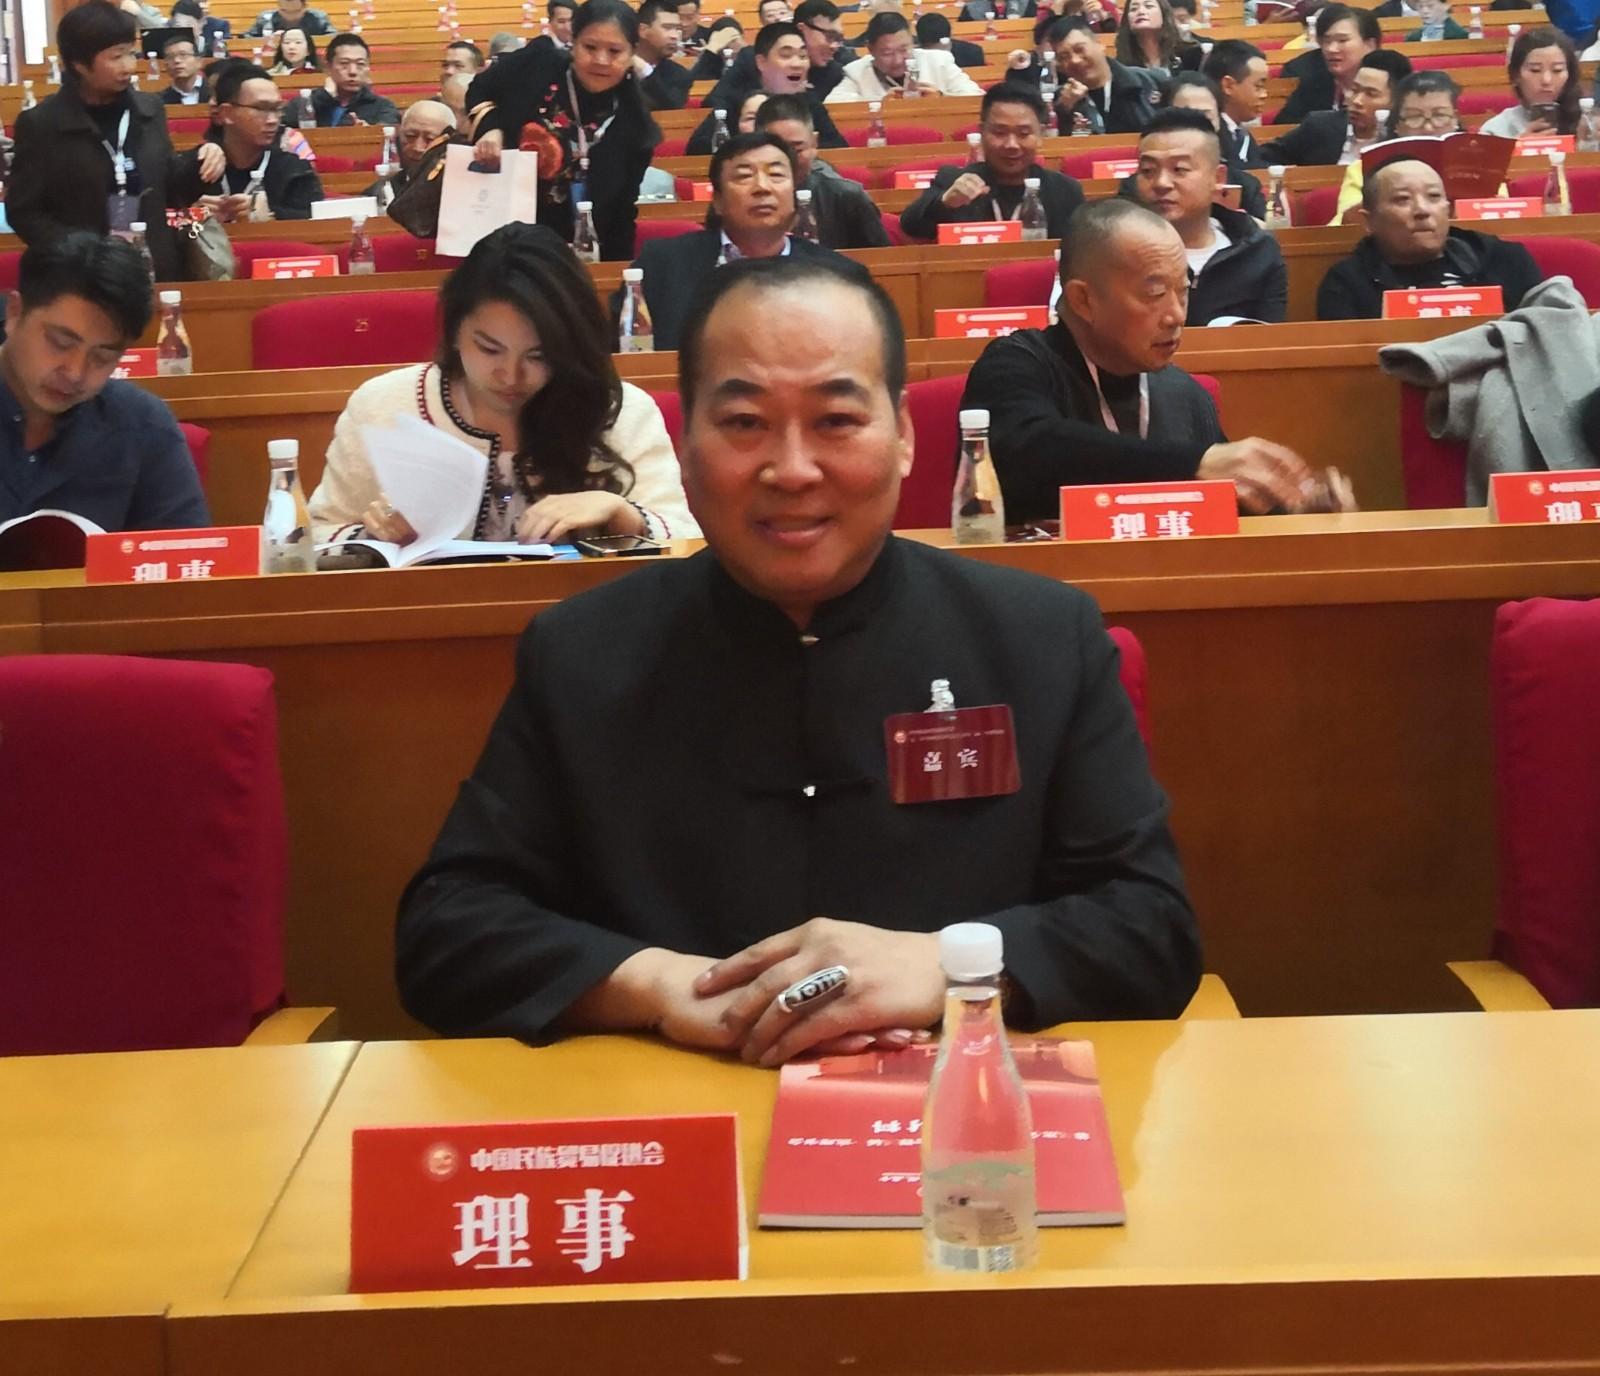 003张凤山当选中国民族贸易促进会第三届理事会常务理事.jpg